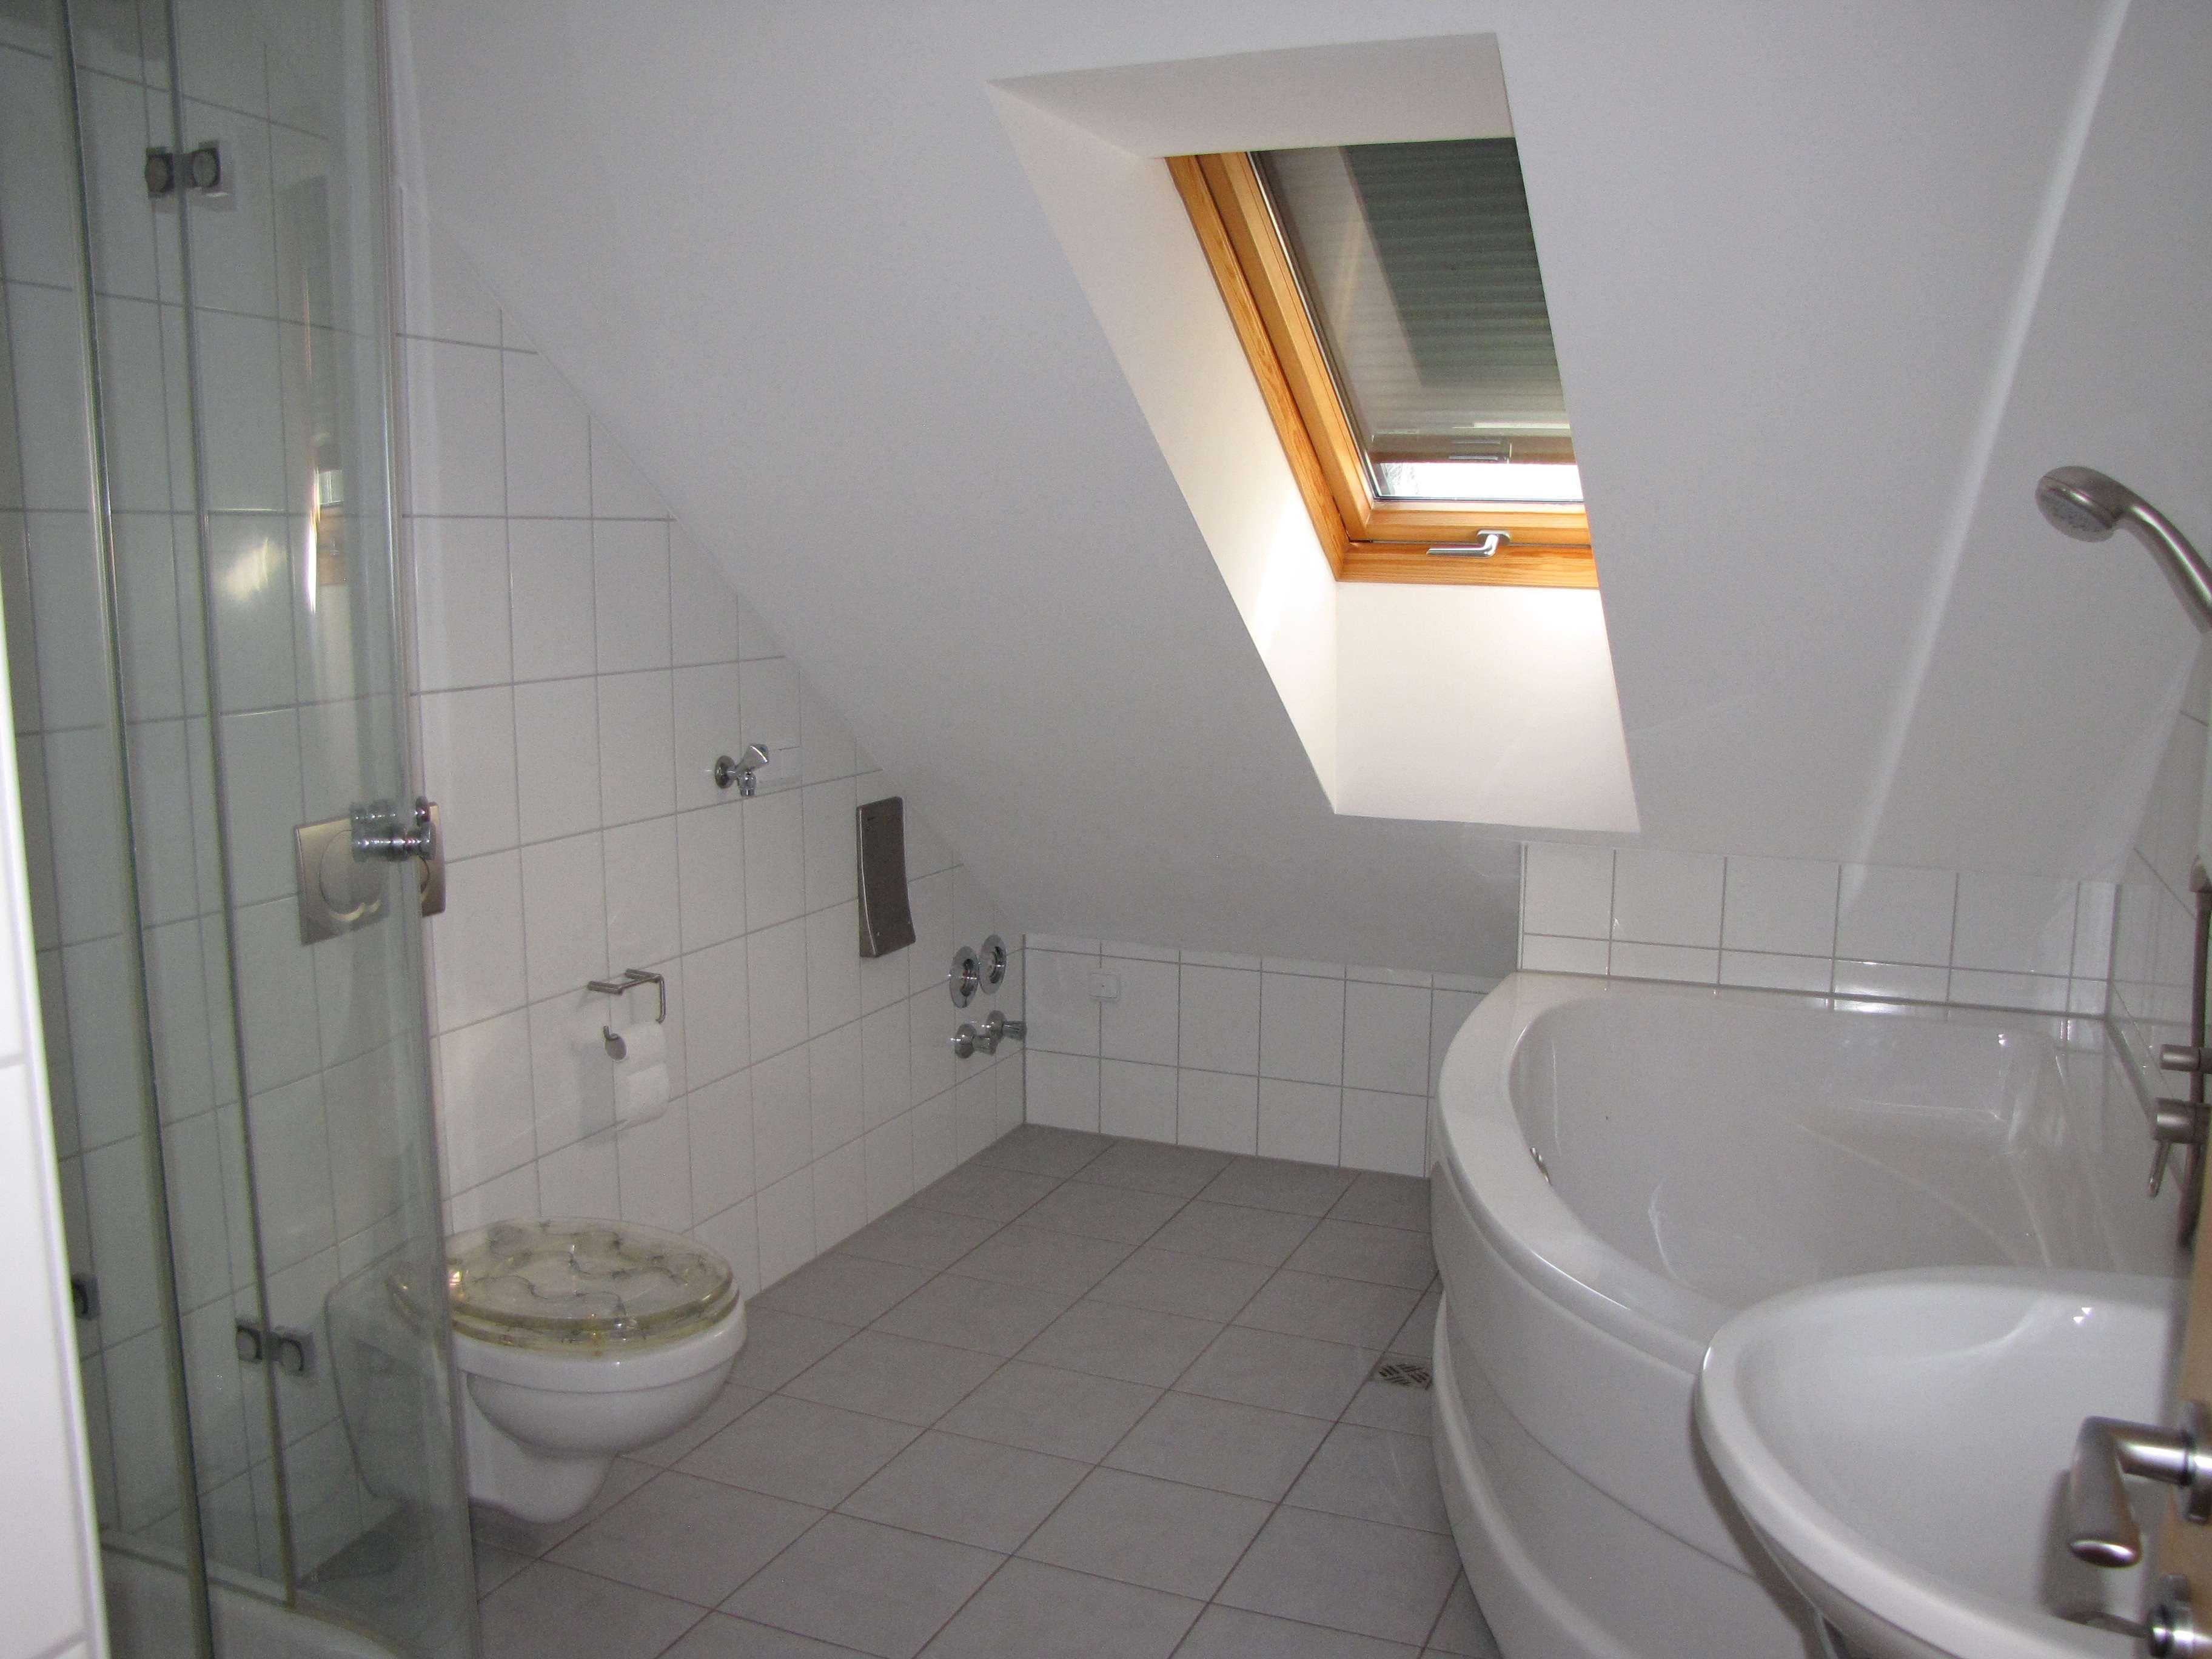 4-Zimmer-Dachgeschosswohnung mit Balkon und EBK in Spalt in